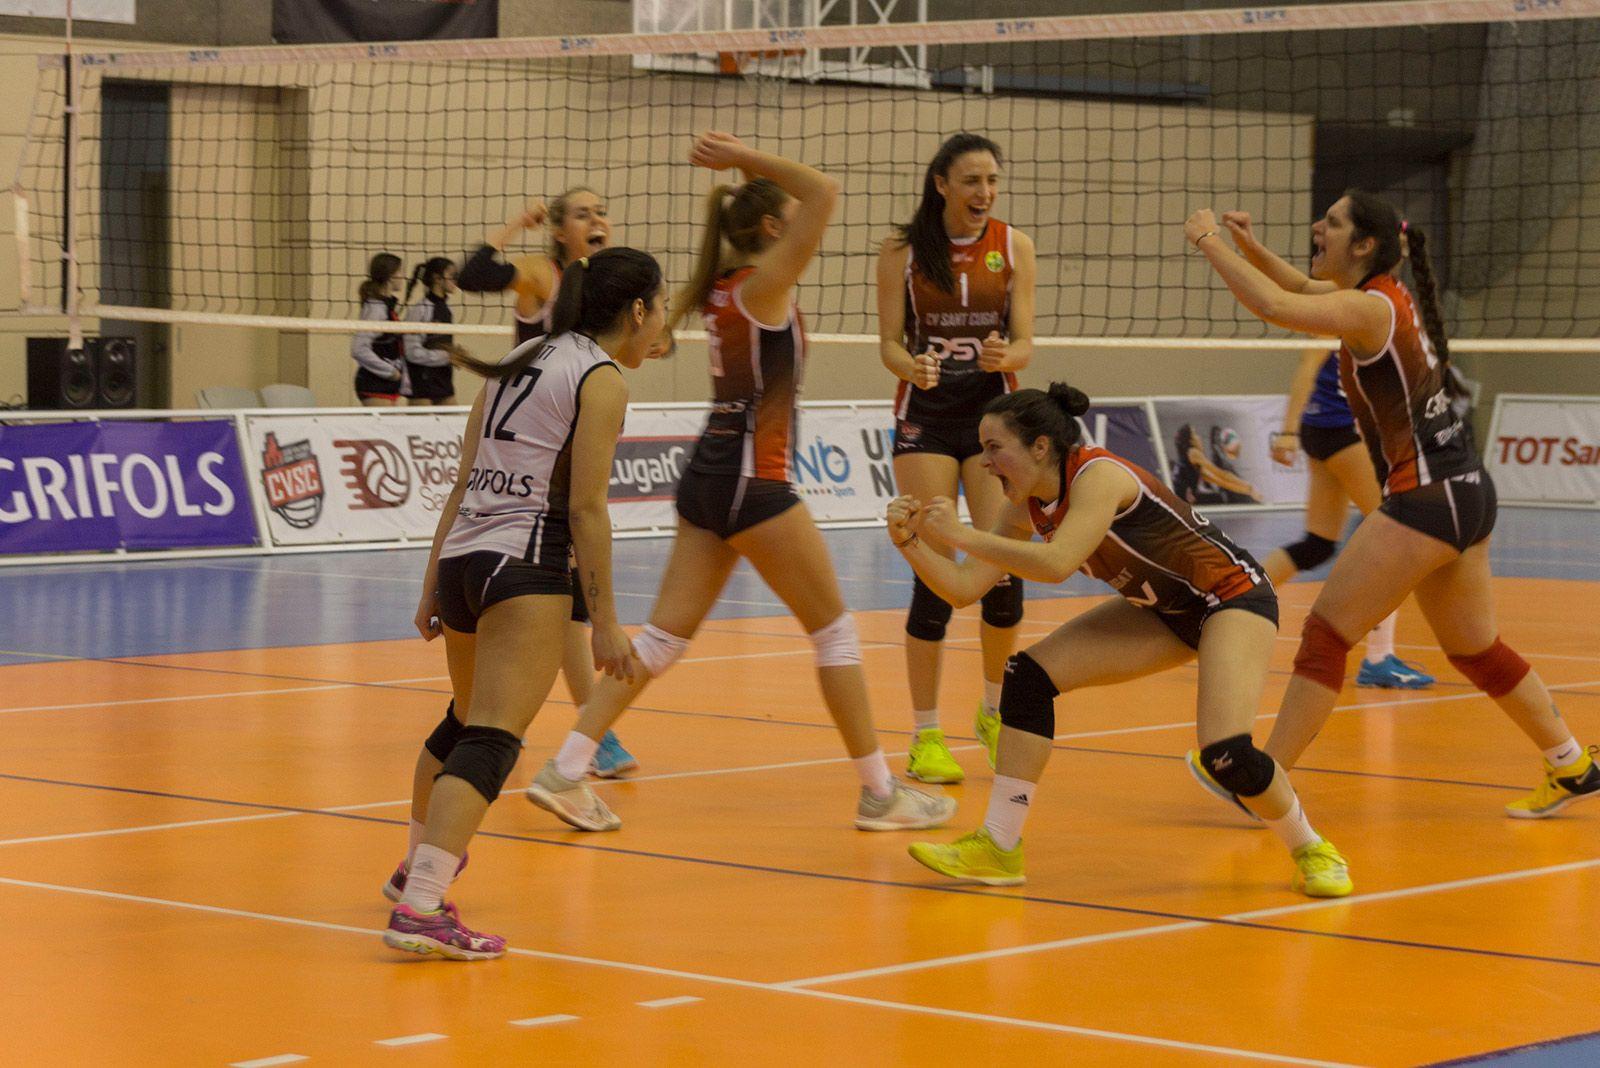 Partit de lliga CV Sant Cugat - Emevé. FOTO: Paula Galván